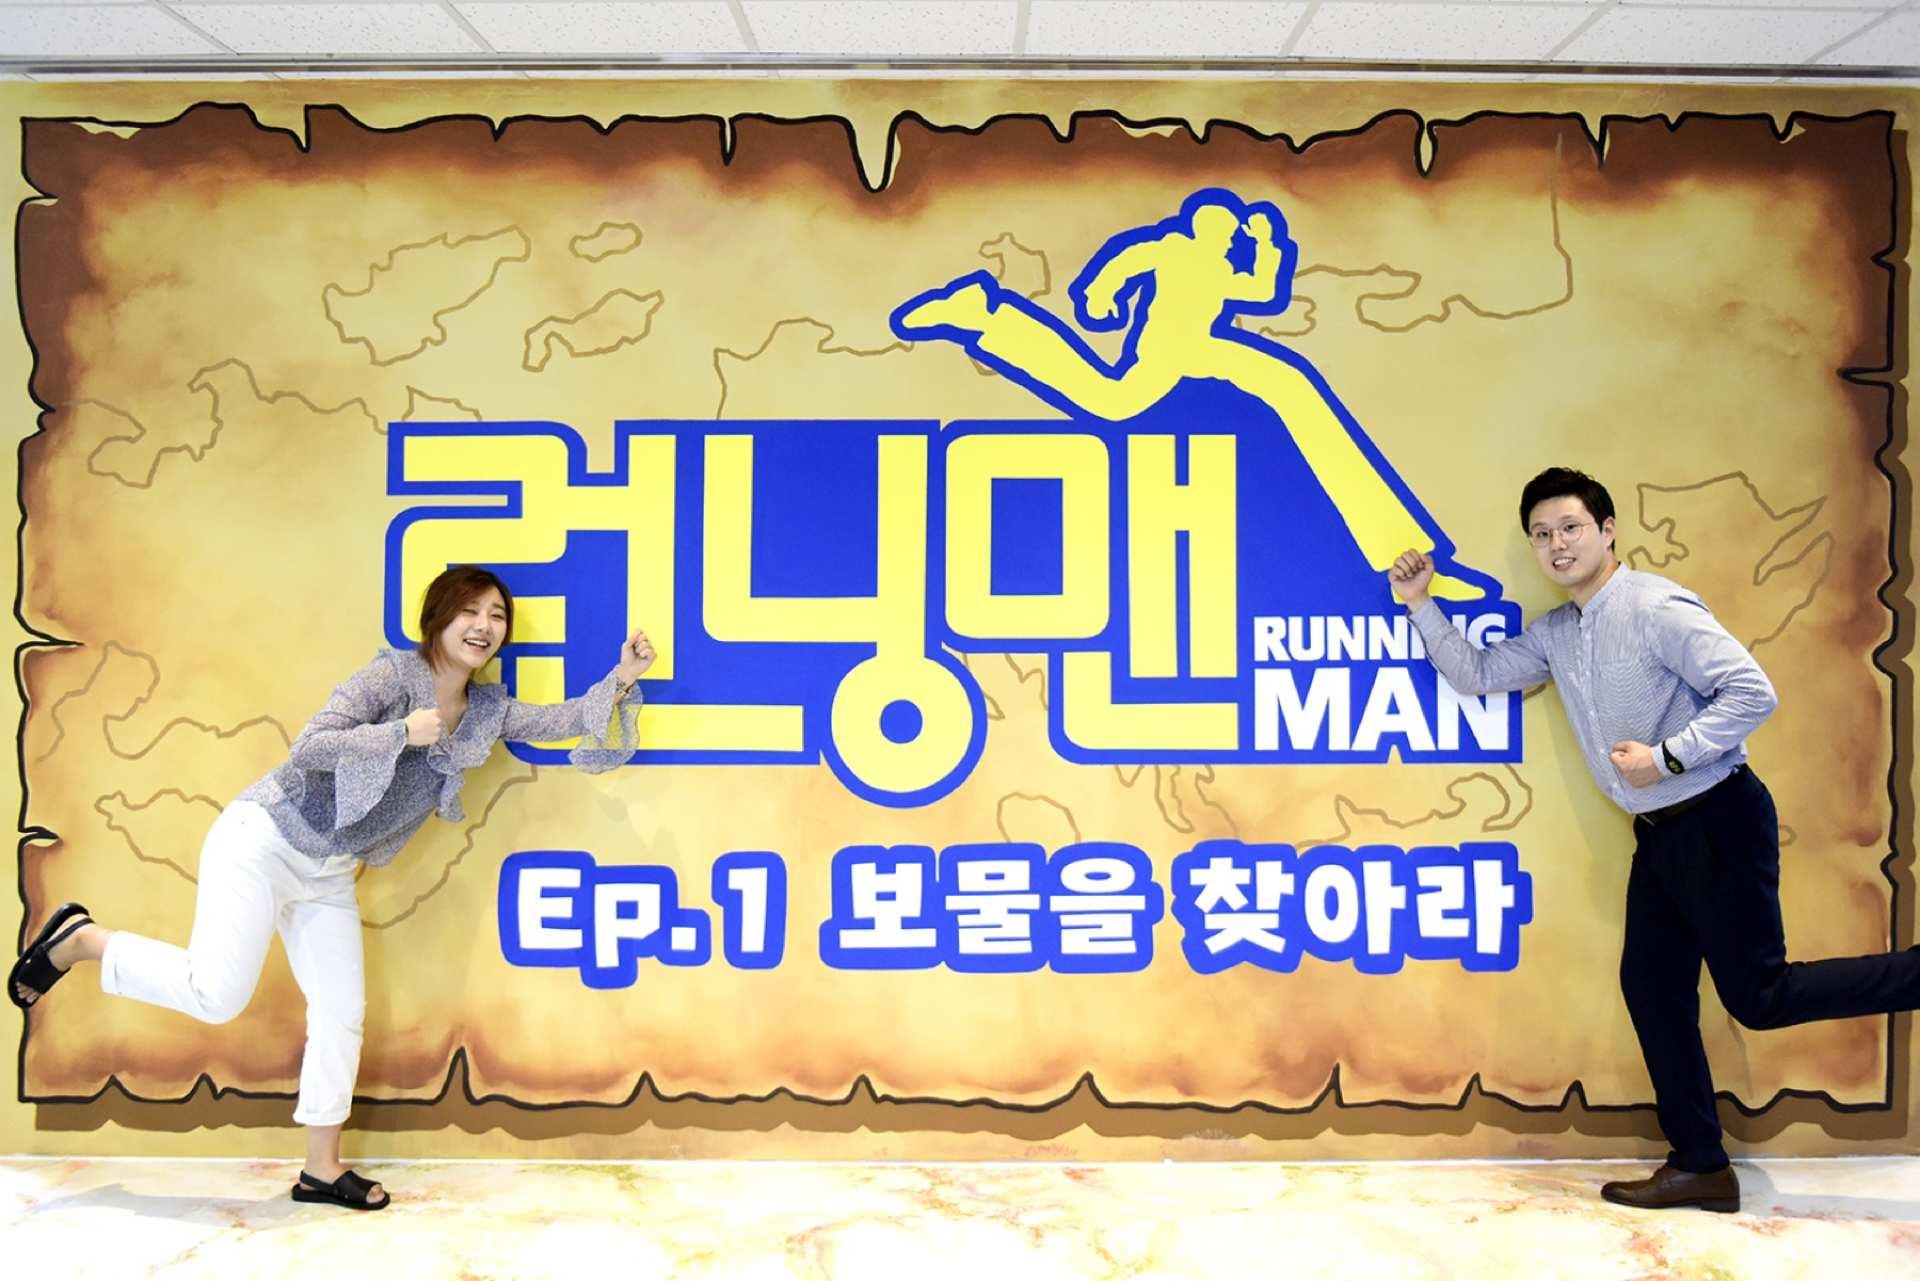 【韓國景點套票】首爾 Running Man 主題體驗館門票